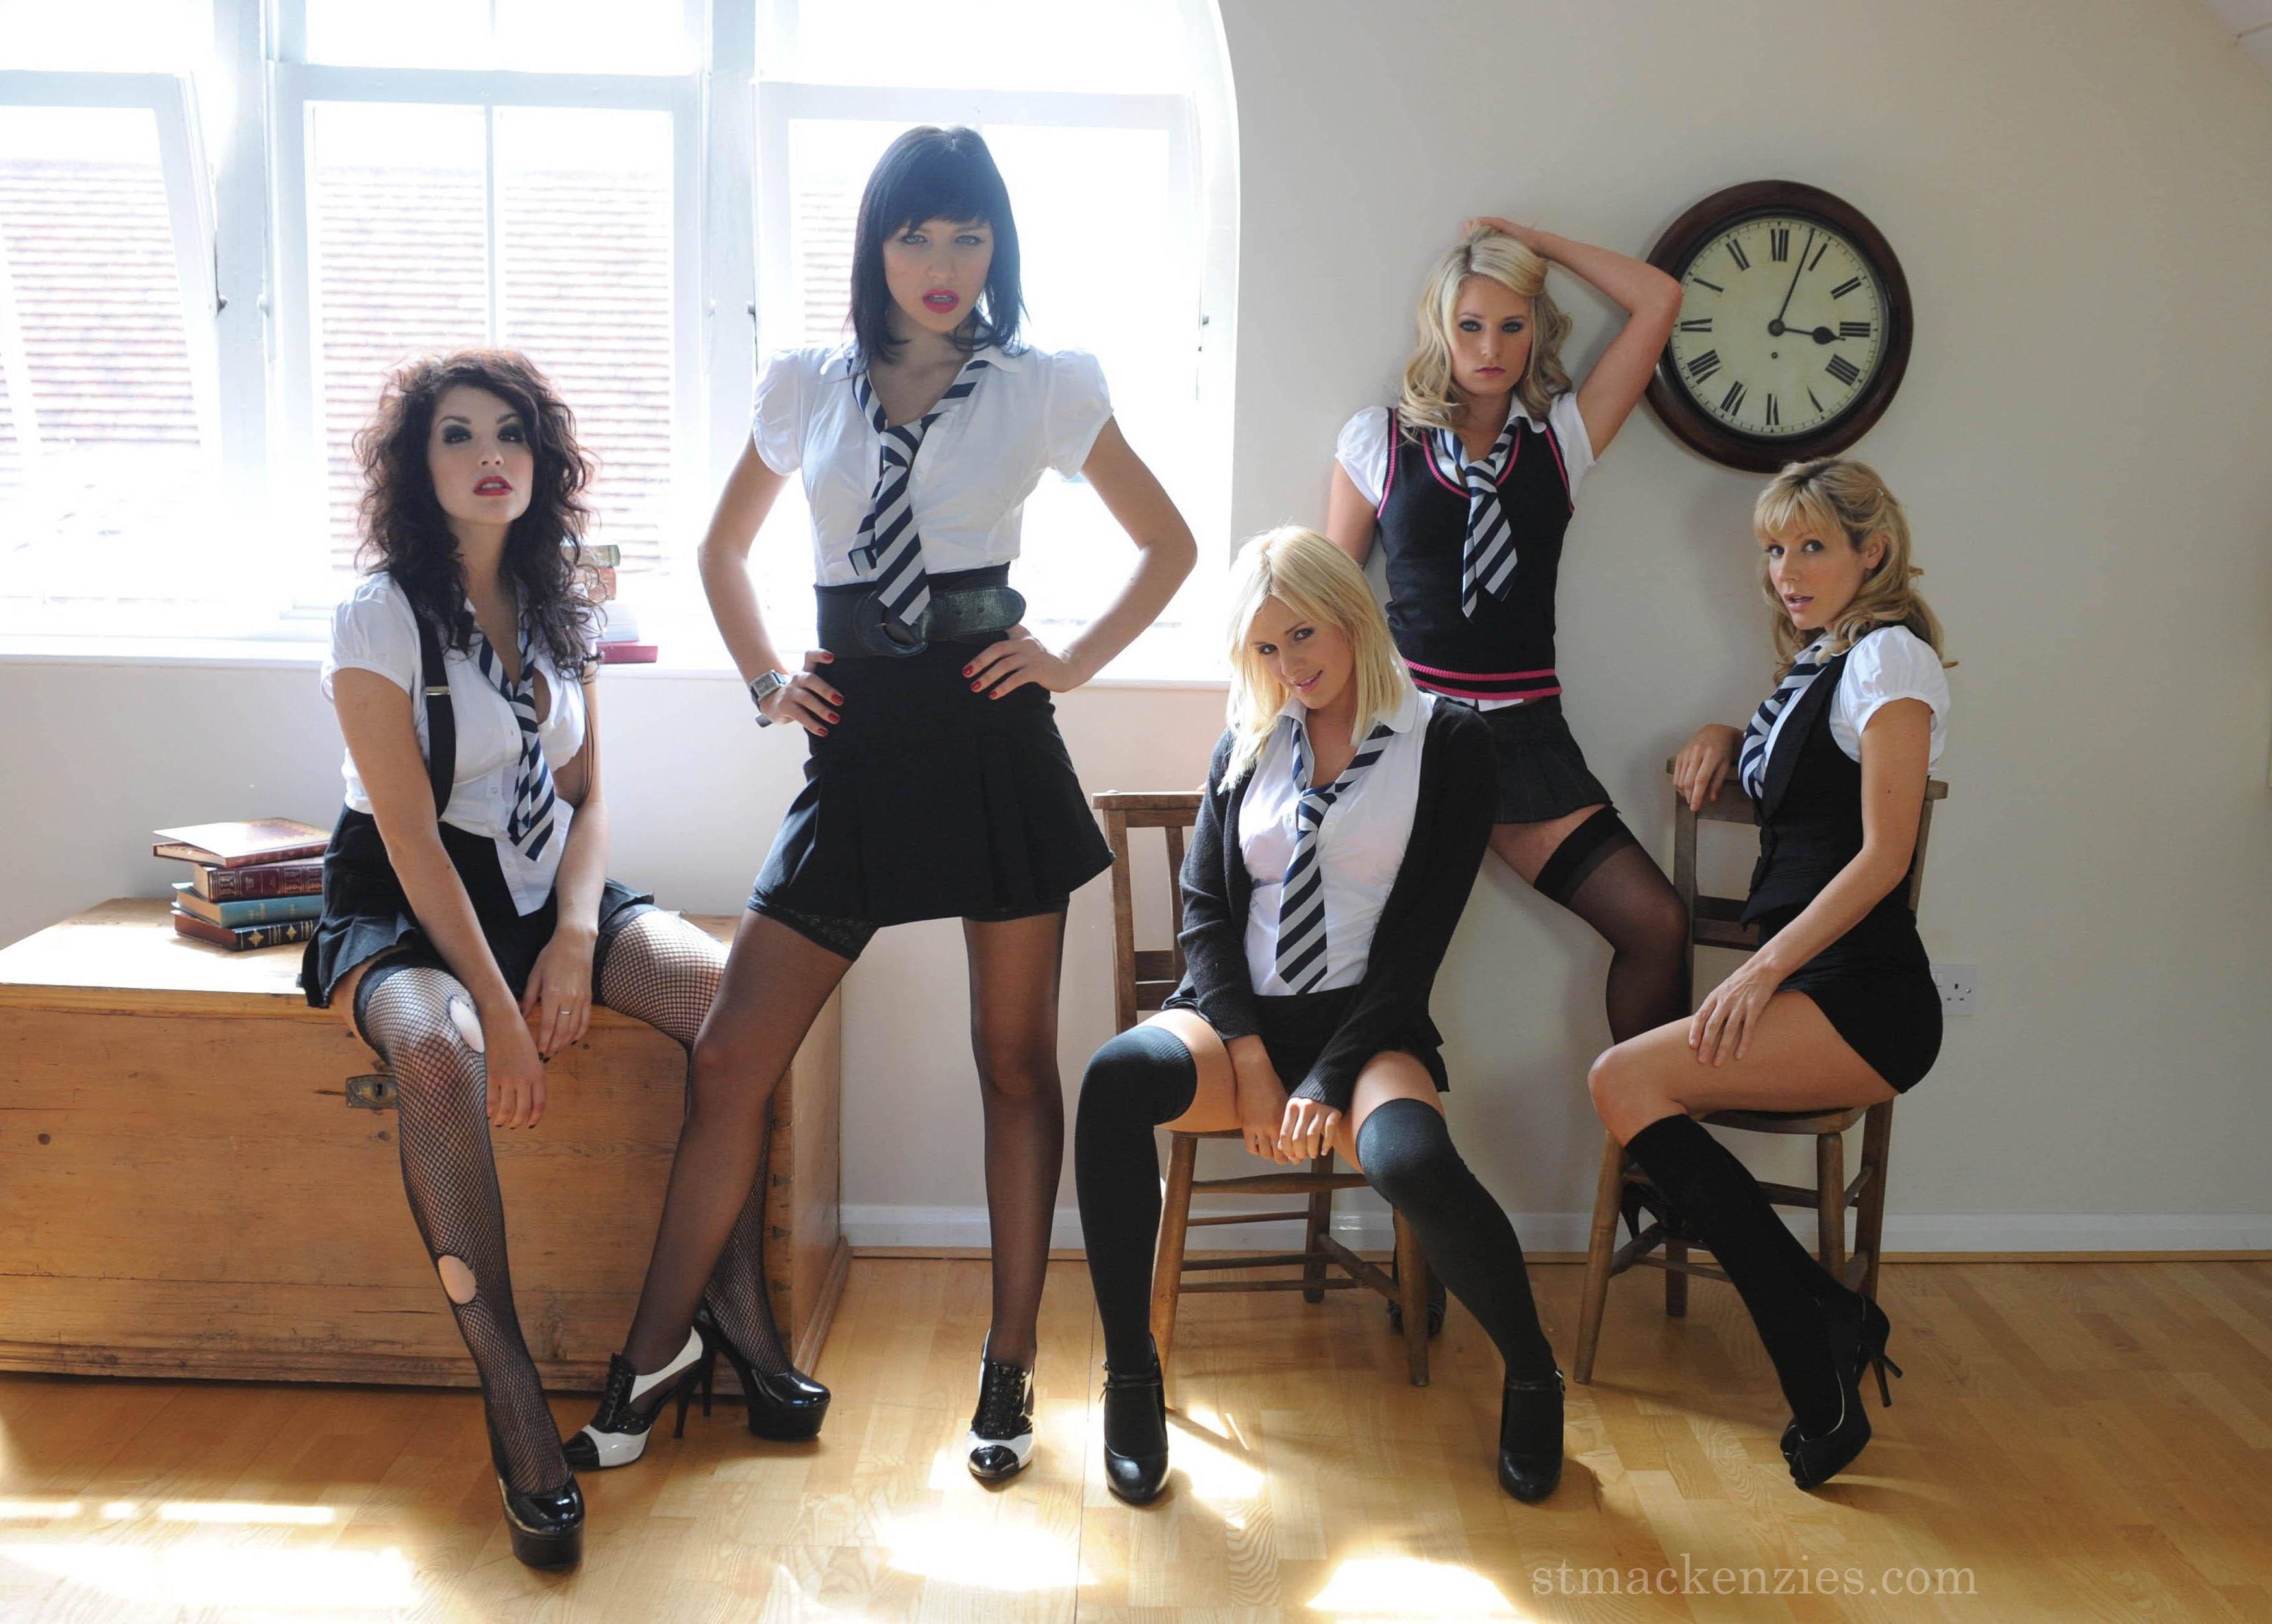 very hot schoolgirls   picture 1 15 babeimpact